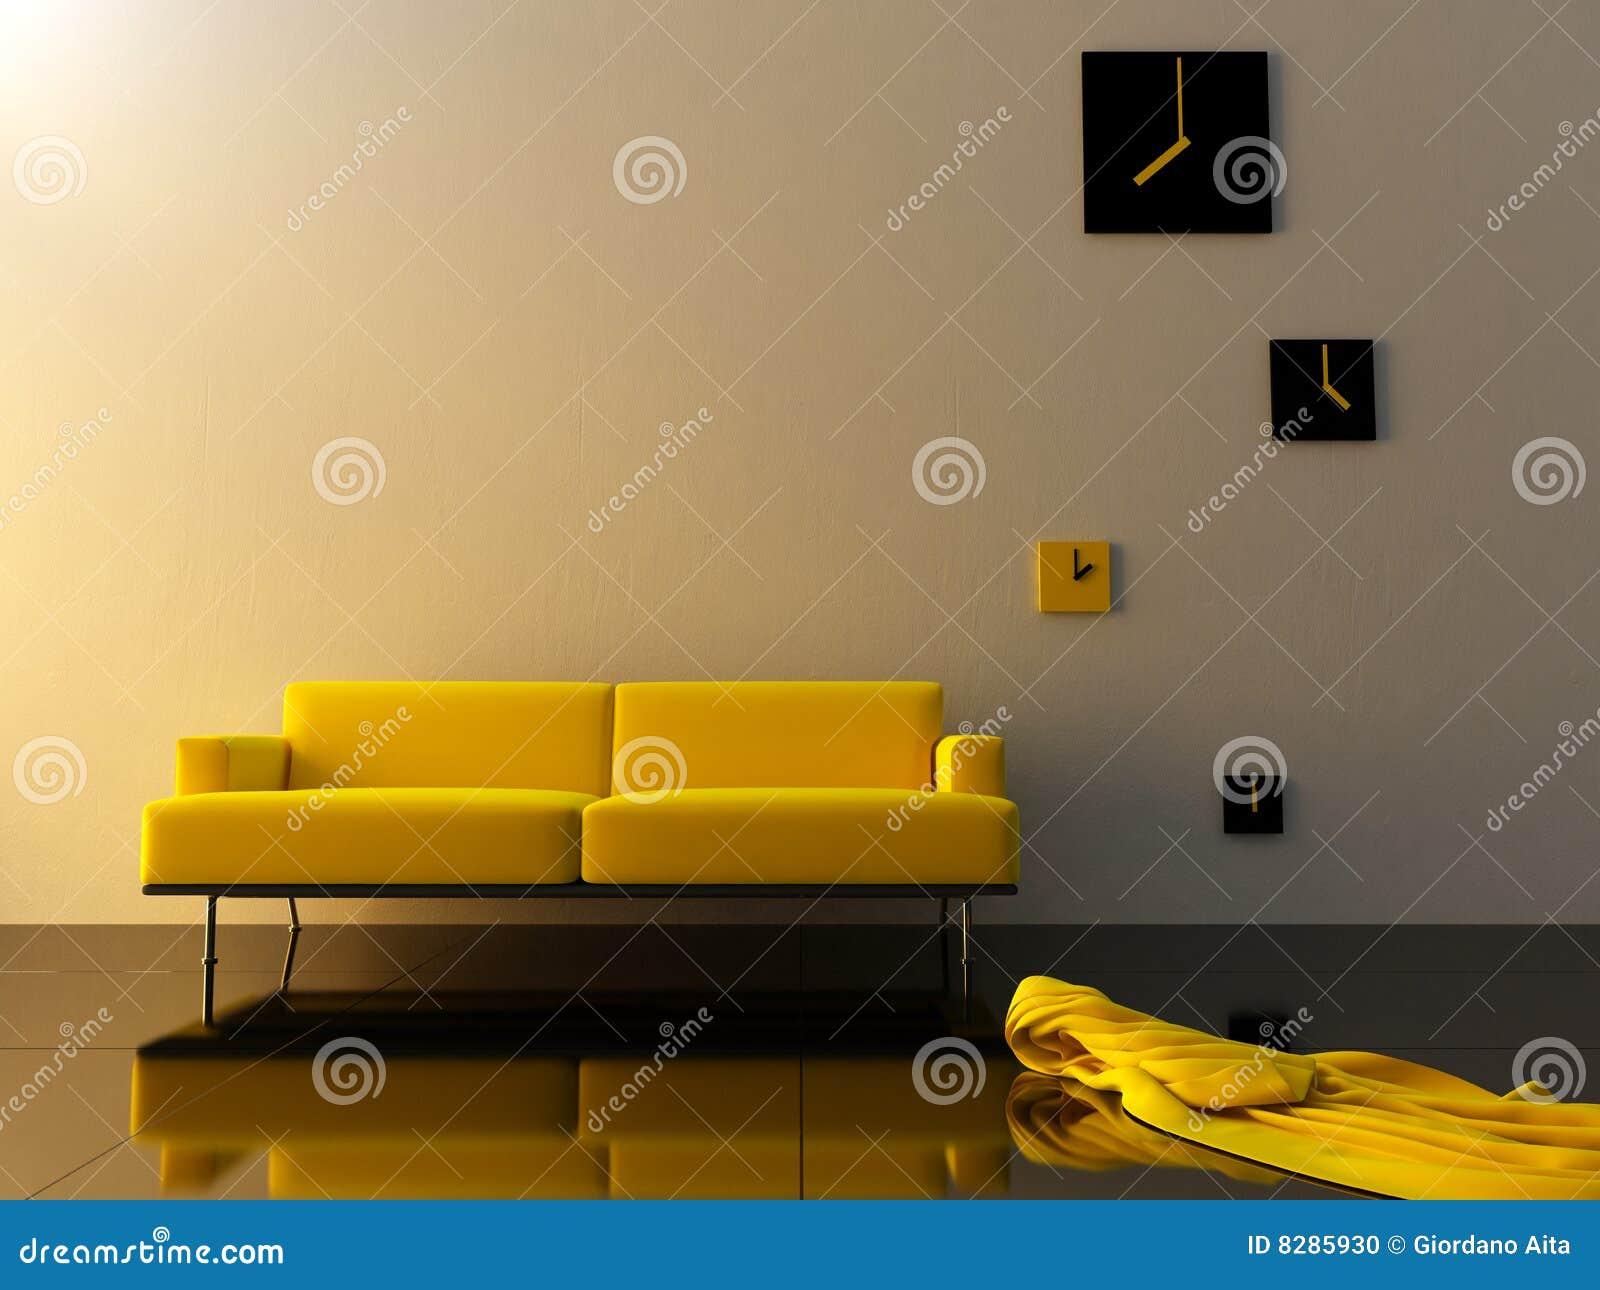 innen gelber samt sofa und zeitzone stoppen ab stock abbildung bild 8285930. Black Bedroom Furniture Sets. Home Design Ideas